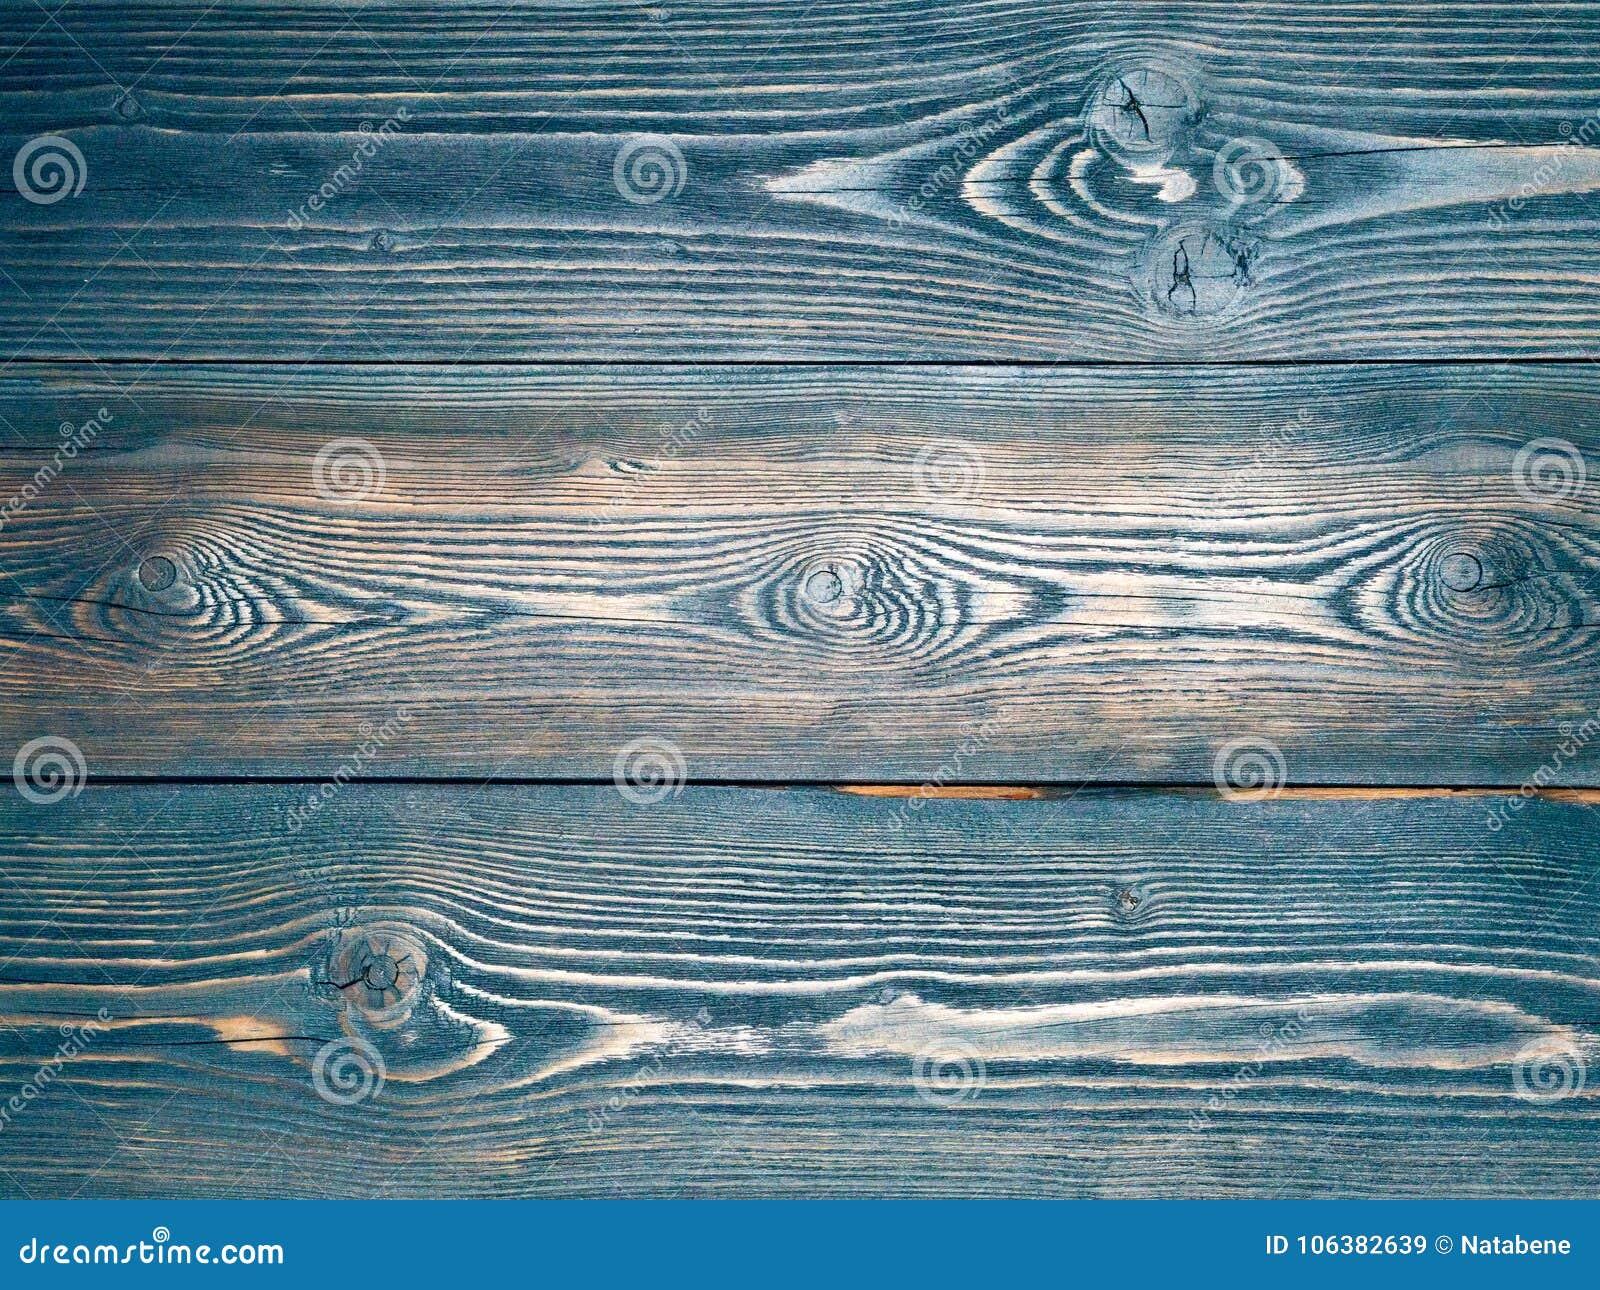 Χρωματισμένος στο μπλε, σκούρο μπλε, ξύλινο υπόβαθρο από τους πίνακες πεύκων,